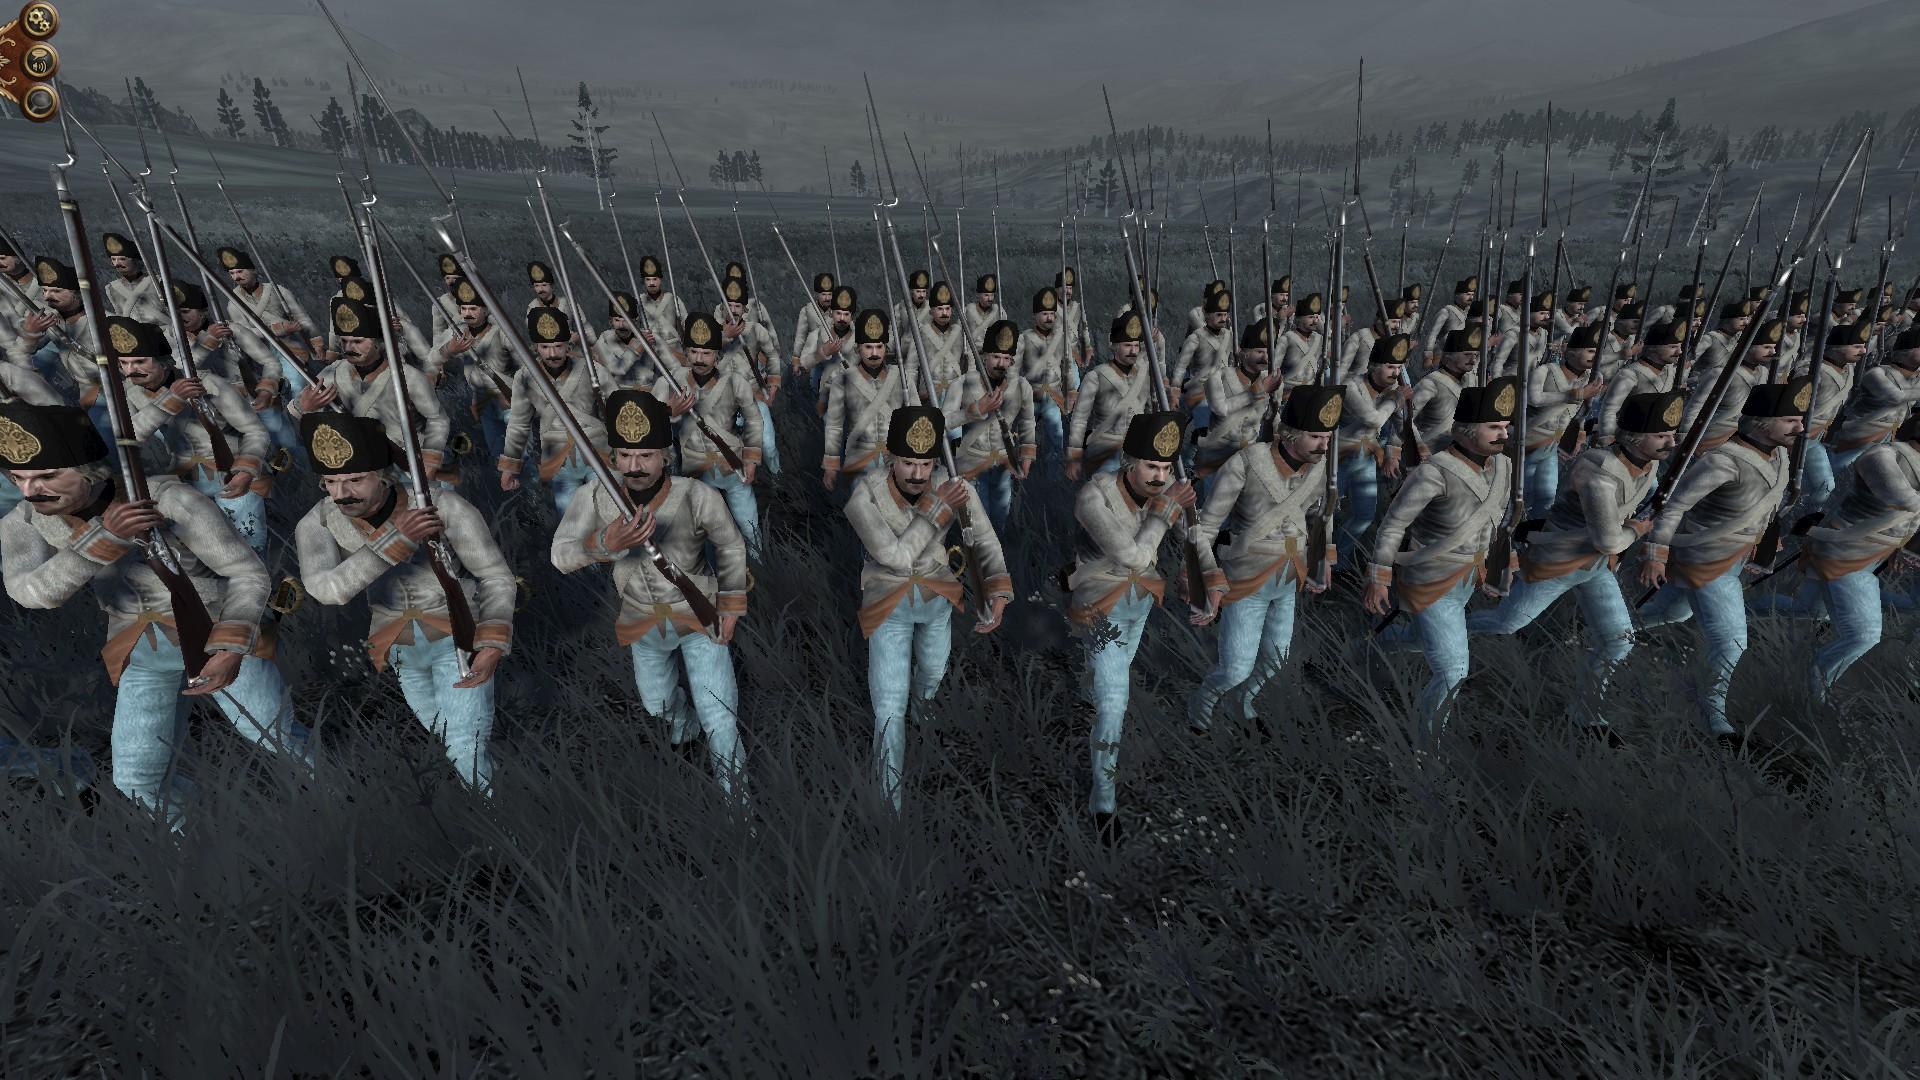 Austria Grenzer Regiment